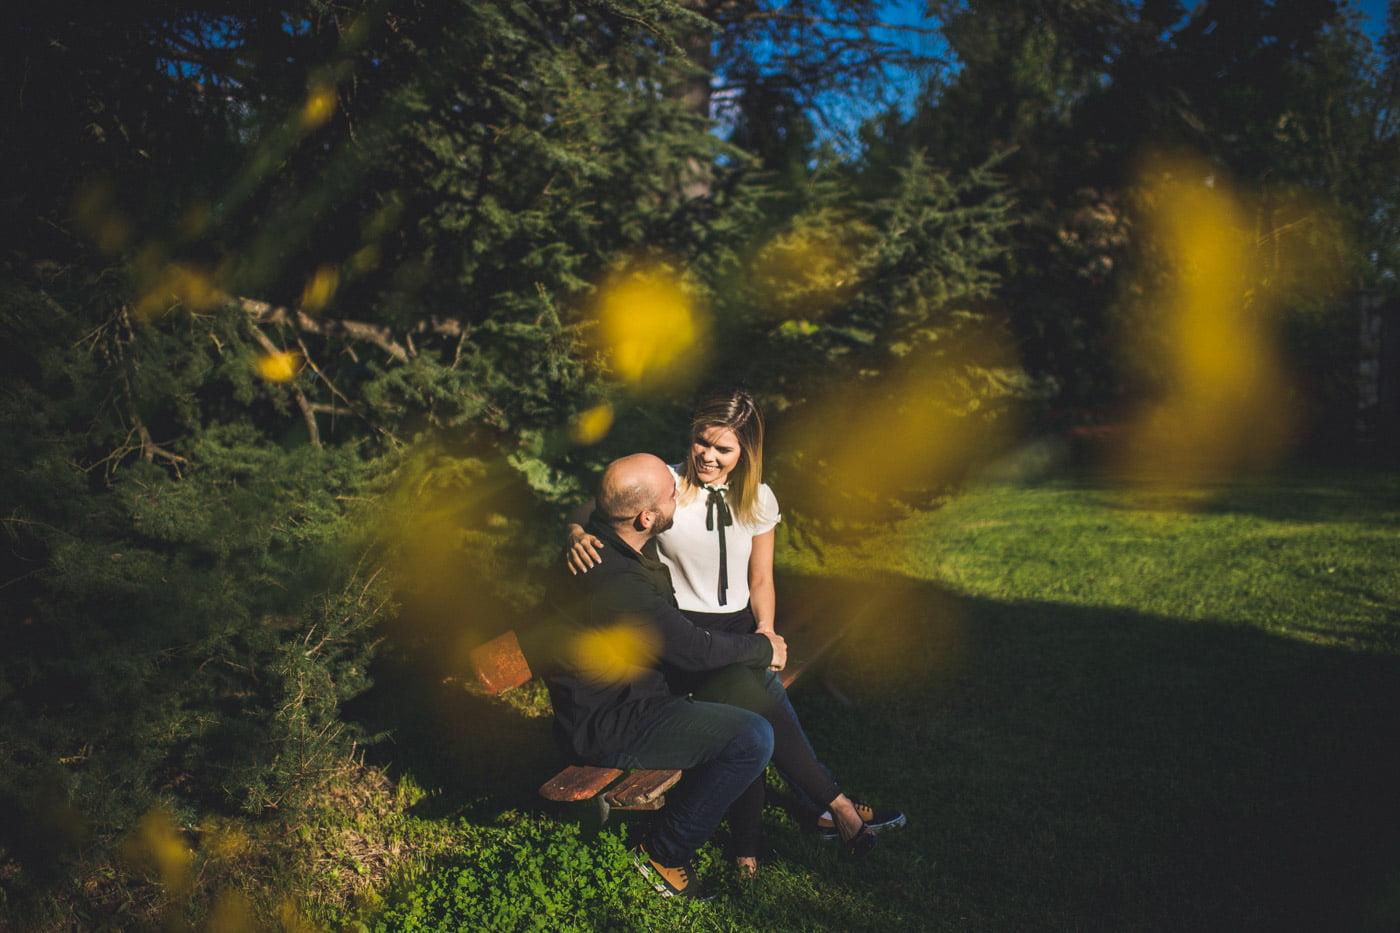 004-Engagement-Tuscany